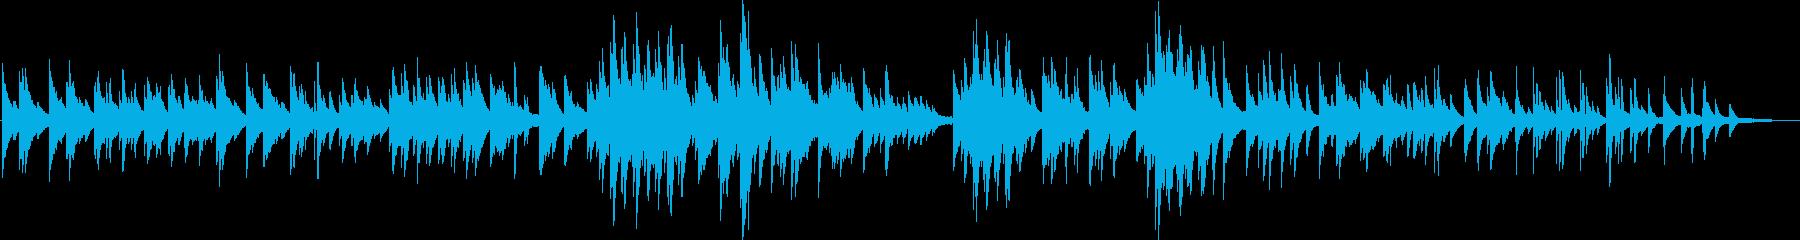 穏やかな印象のソロピアノのバラードですの再生済みの波形